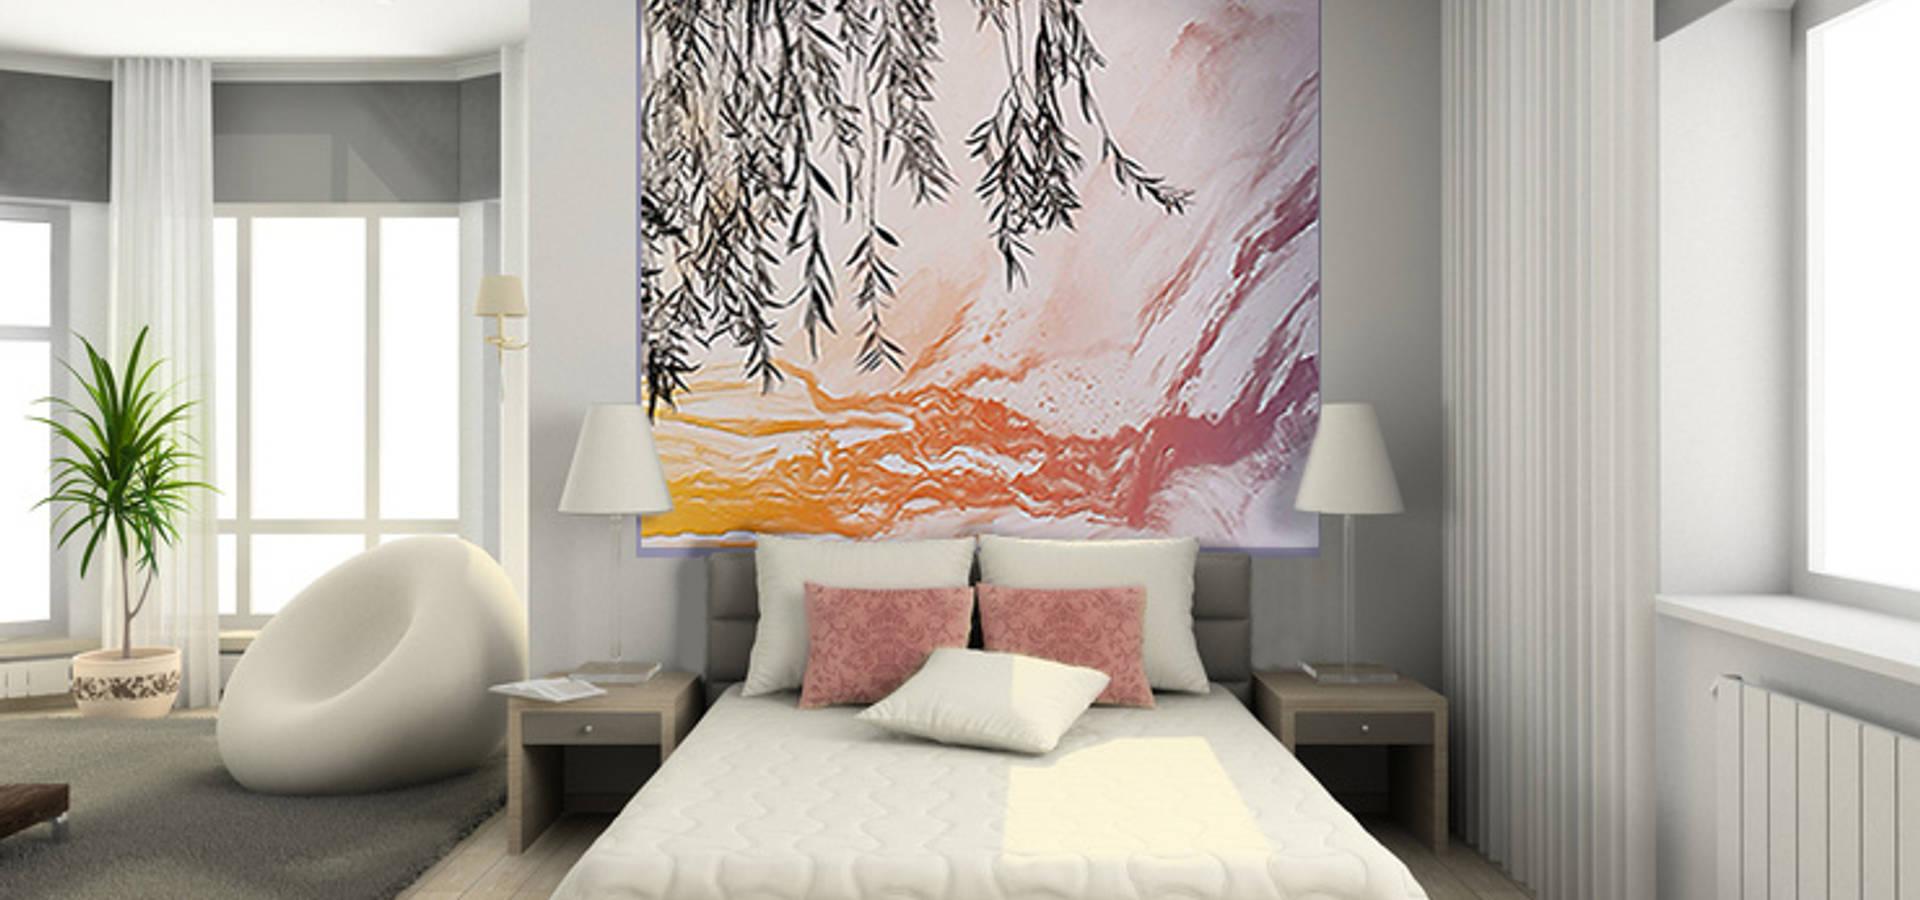 Papier Peint Trompe L Oeil Plafond papiers peints panoramiques trompe l'oeil par belmon déco